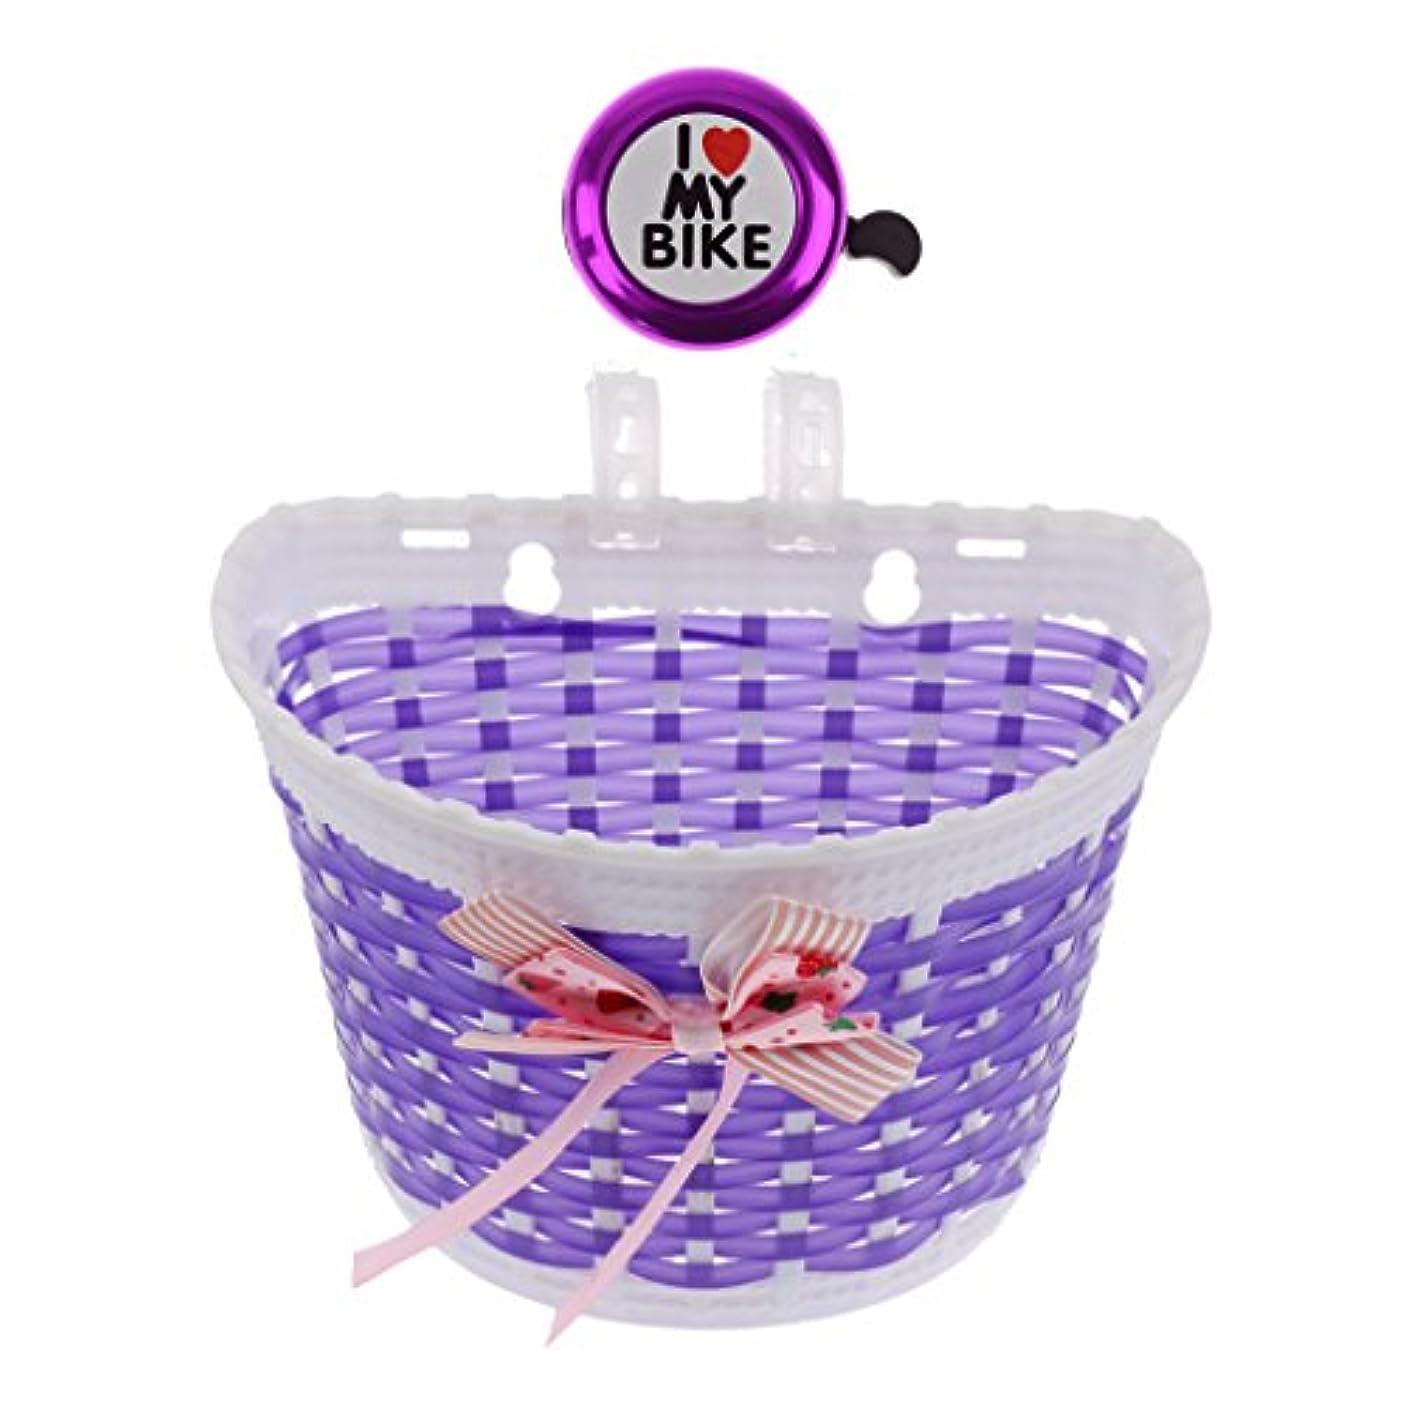 偏見動揺させるくそーKOZEEY 子供用  キッズ 可愛い 自転車 フロントバスケット+サイクベル バイクアクセサリー 紫 交換用